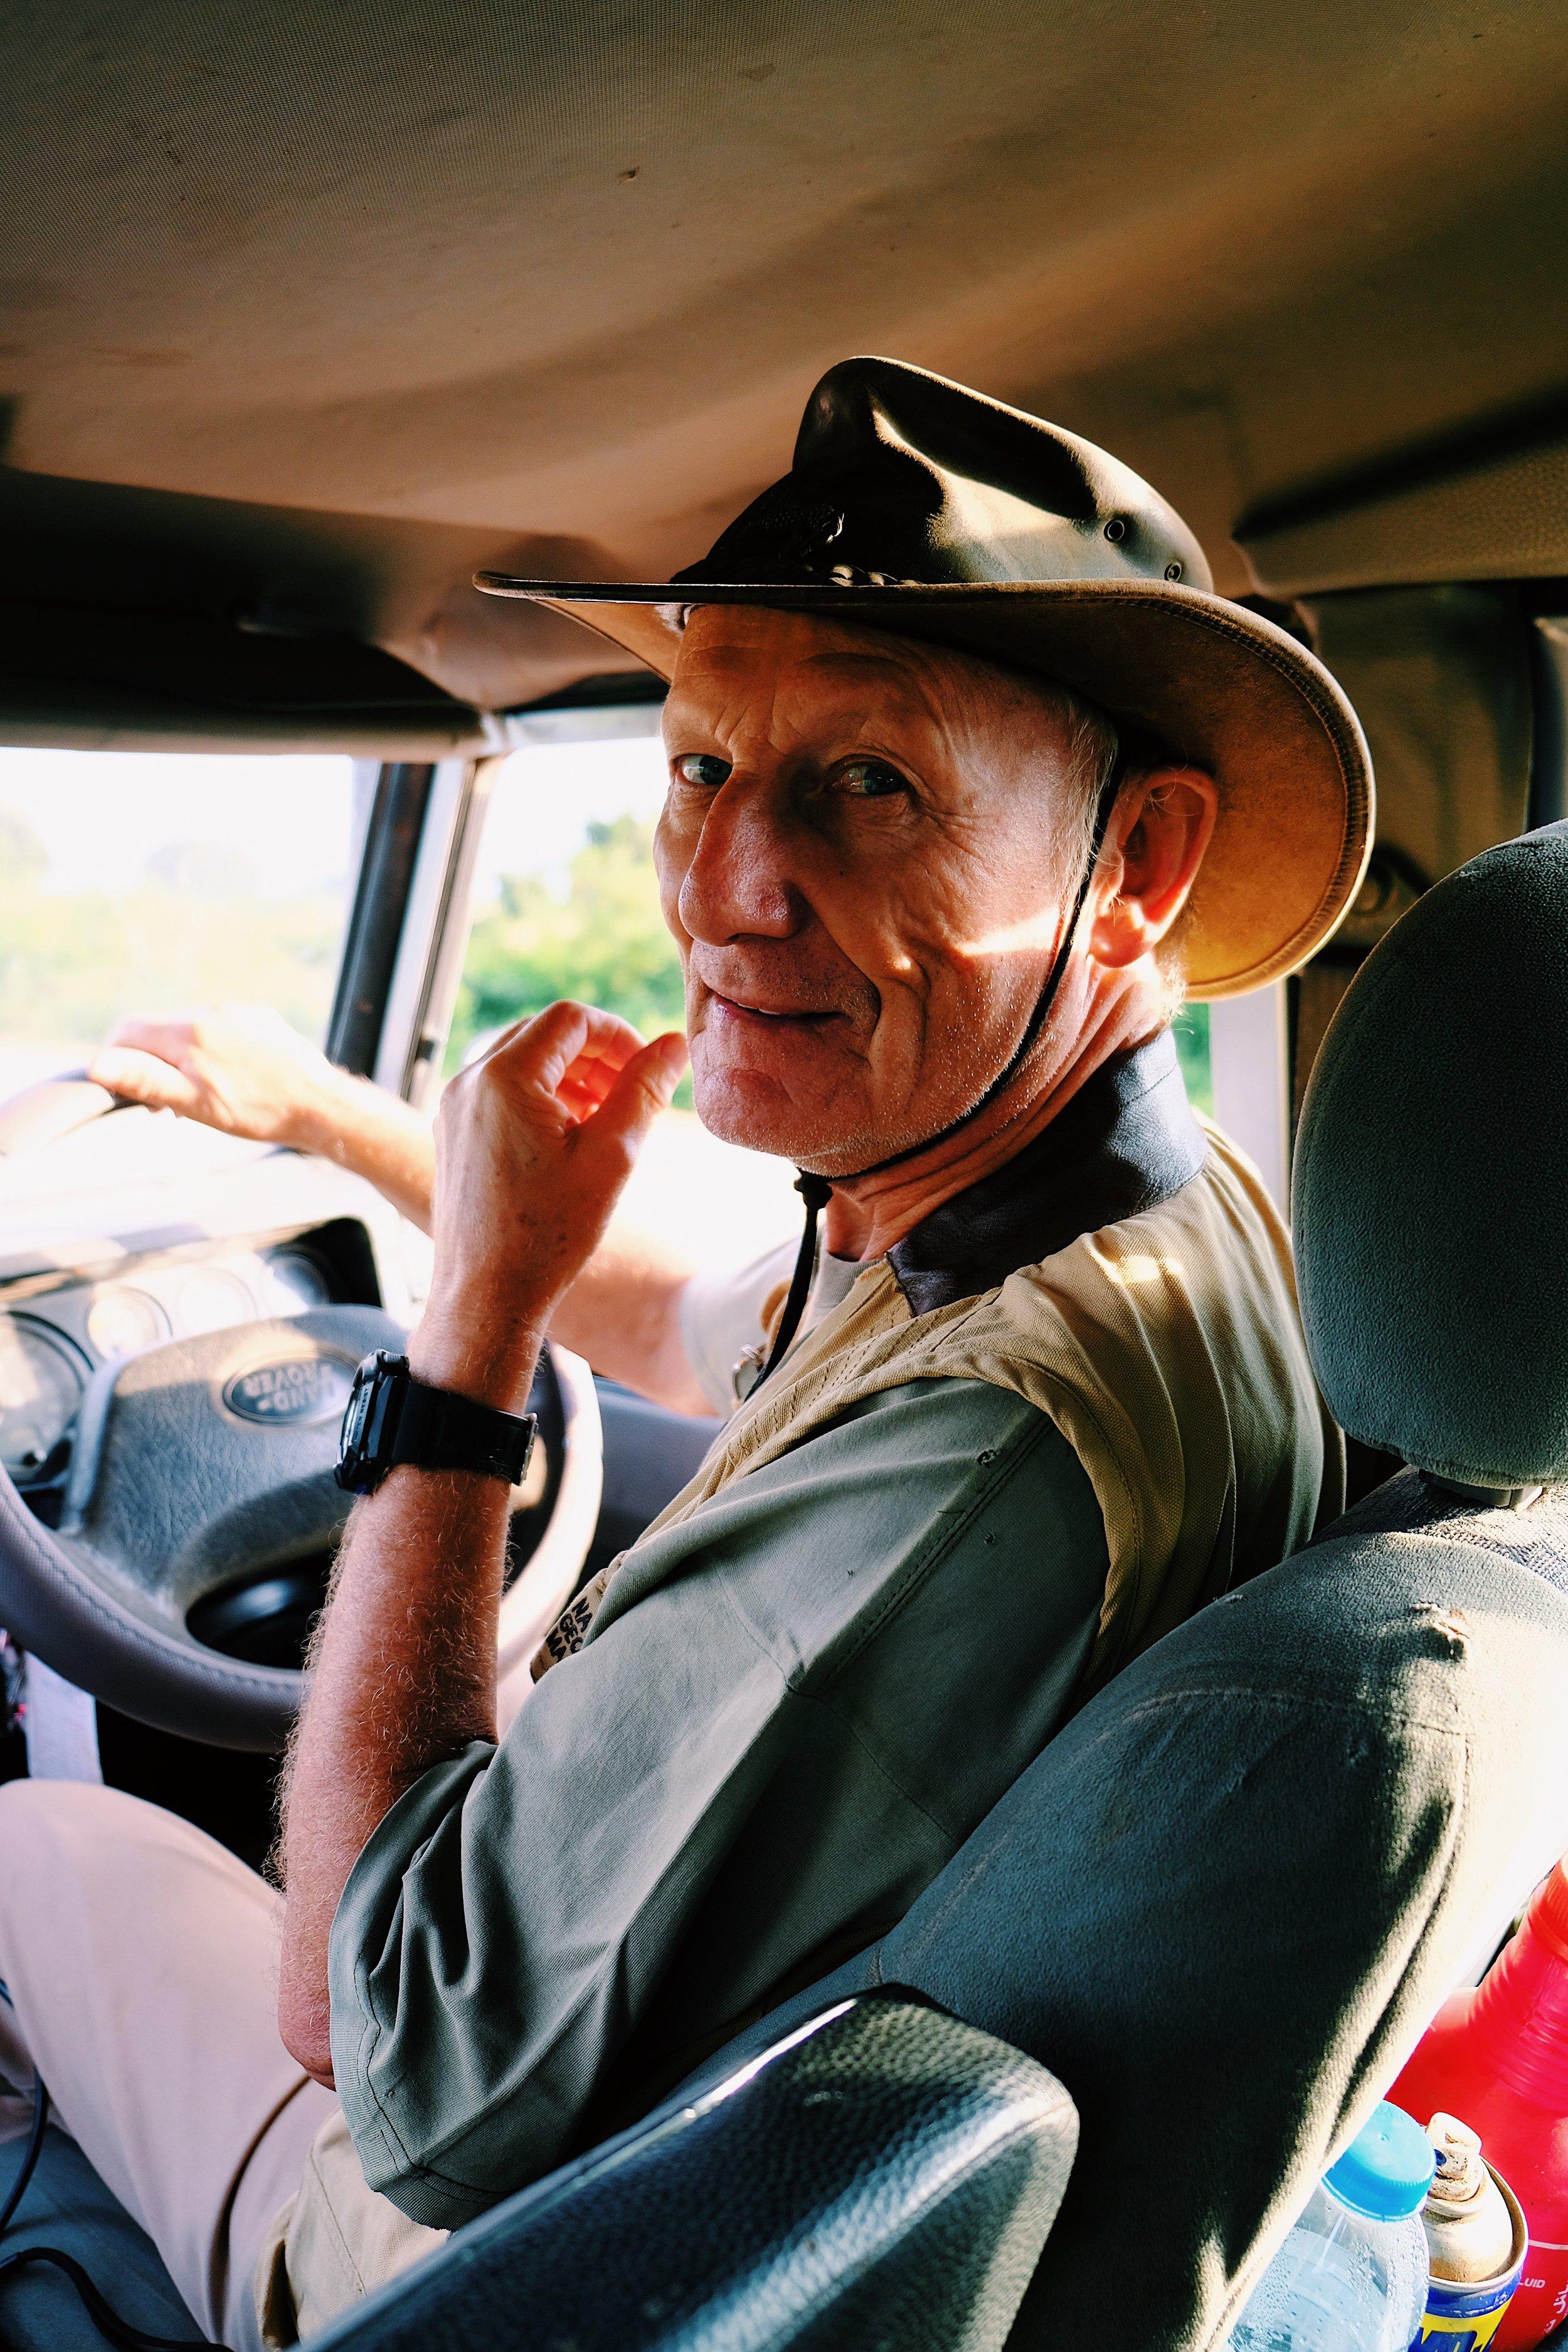 Ludwig of Uganda Carnivores doctor by Joost Bastmeijer.JPG